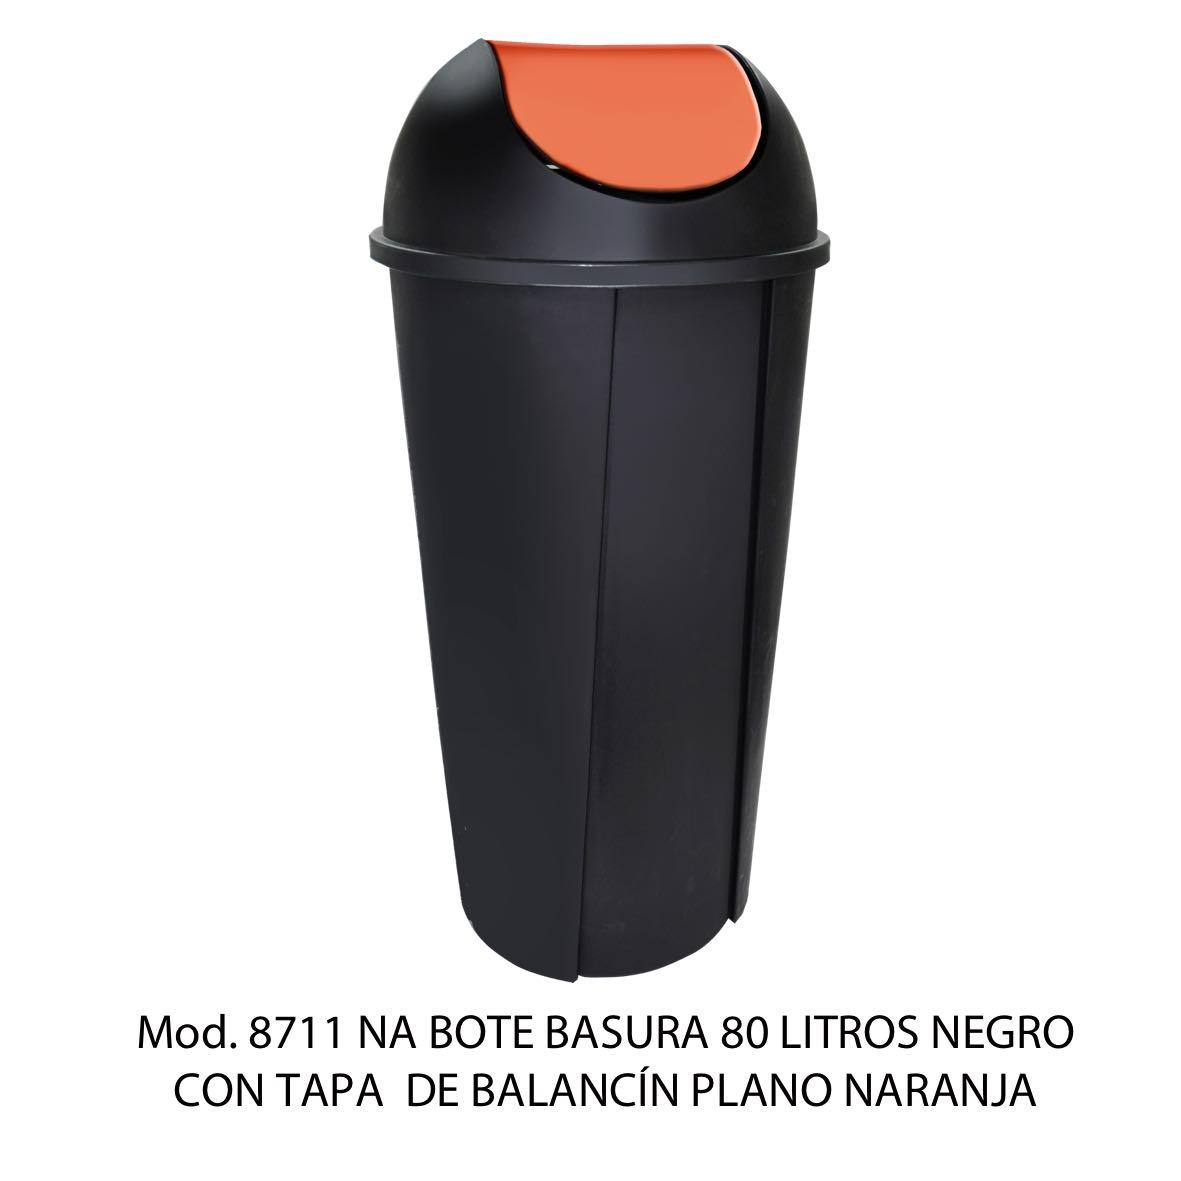 Bote de basura redondo negro de 80 litros con tapa naranja tipo balancín liso modelo 8711 NA Sablón